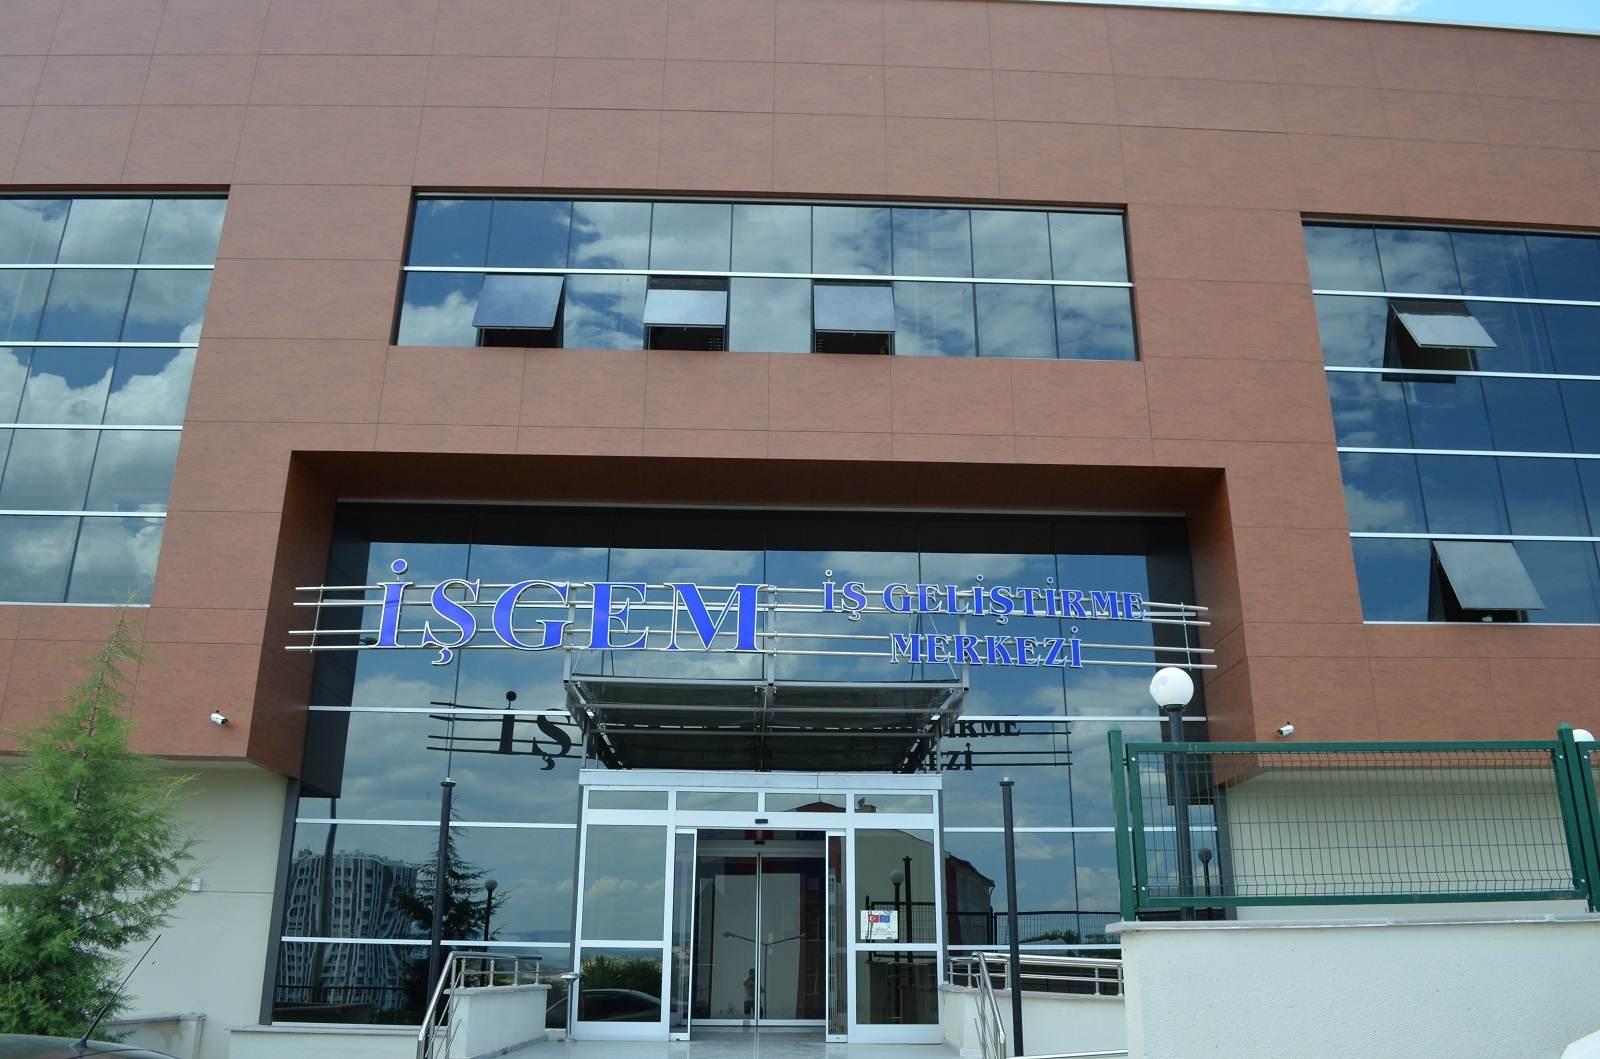 Kastamonu İŞGEM (İş Geliştirme Merkezi)